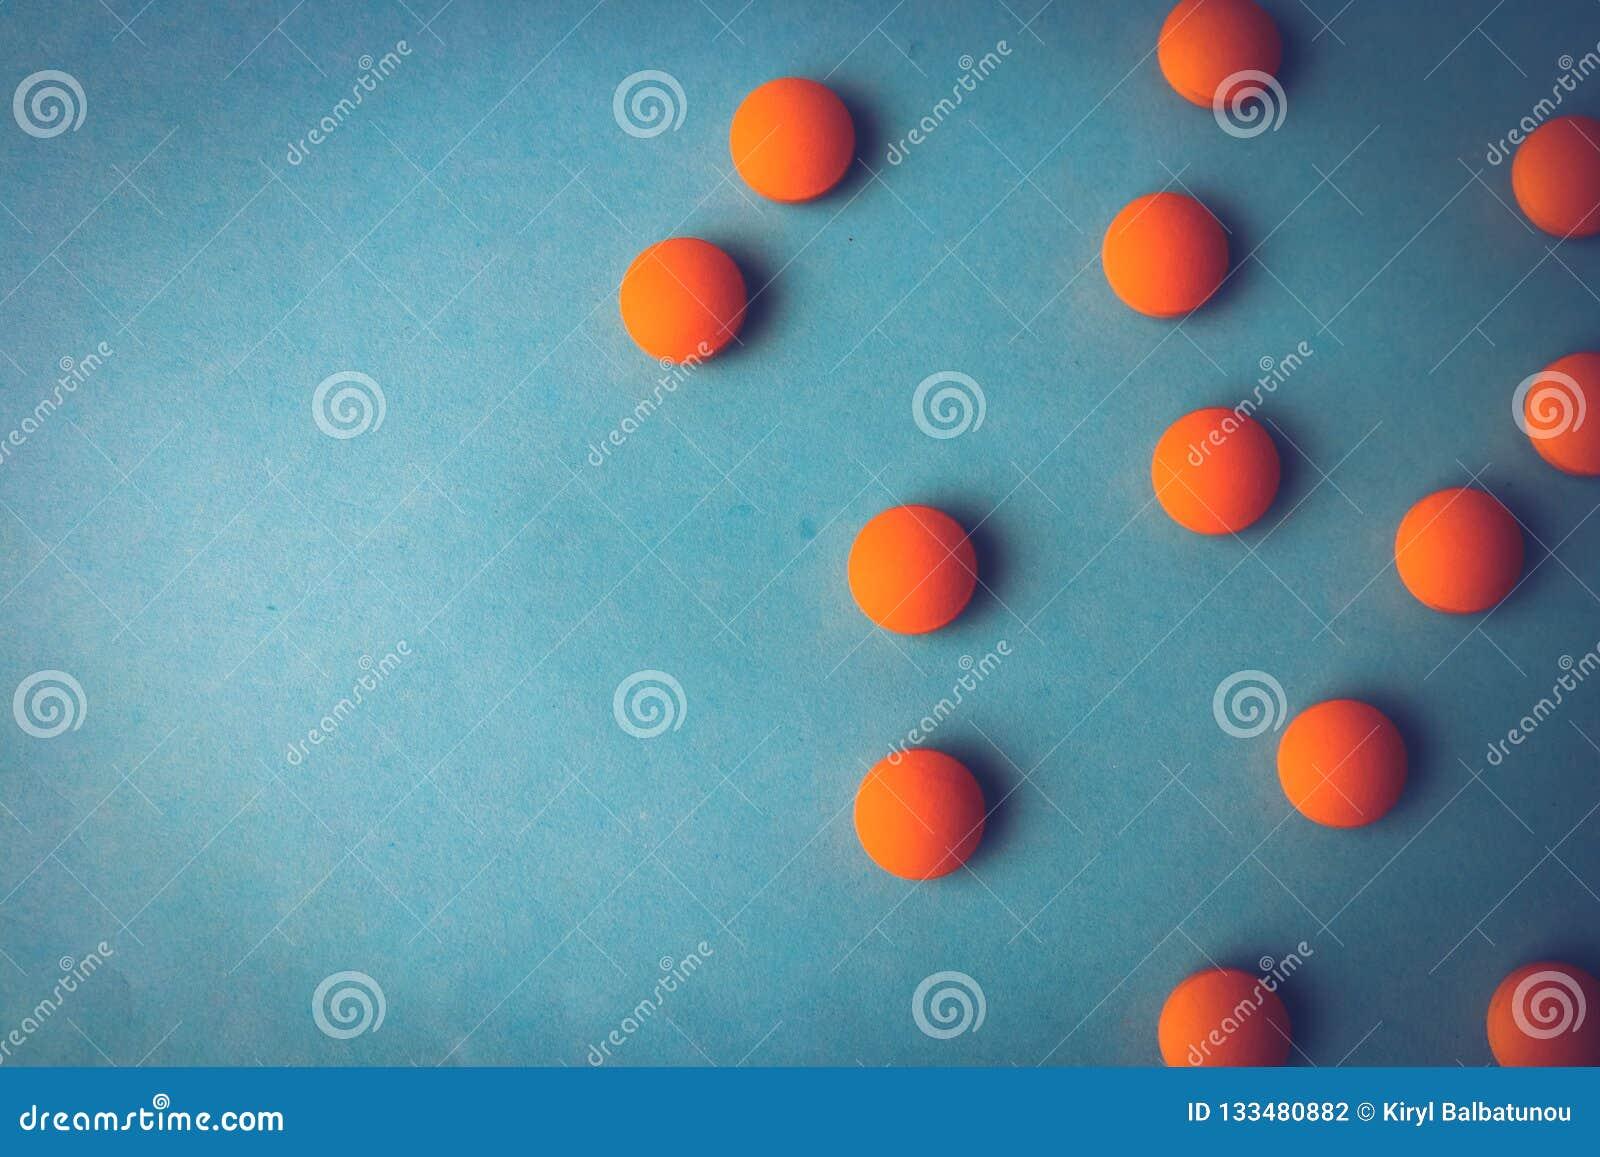 Petites belles pilules rondes pharmaceptic médicales jaune-orange, vitamines, drogues, antibiotiques sur un fond bleu, texture